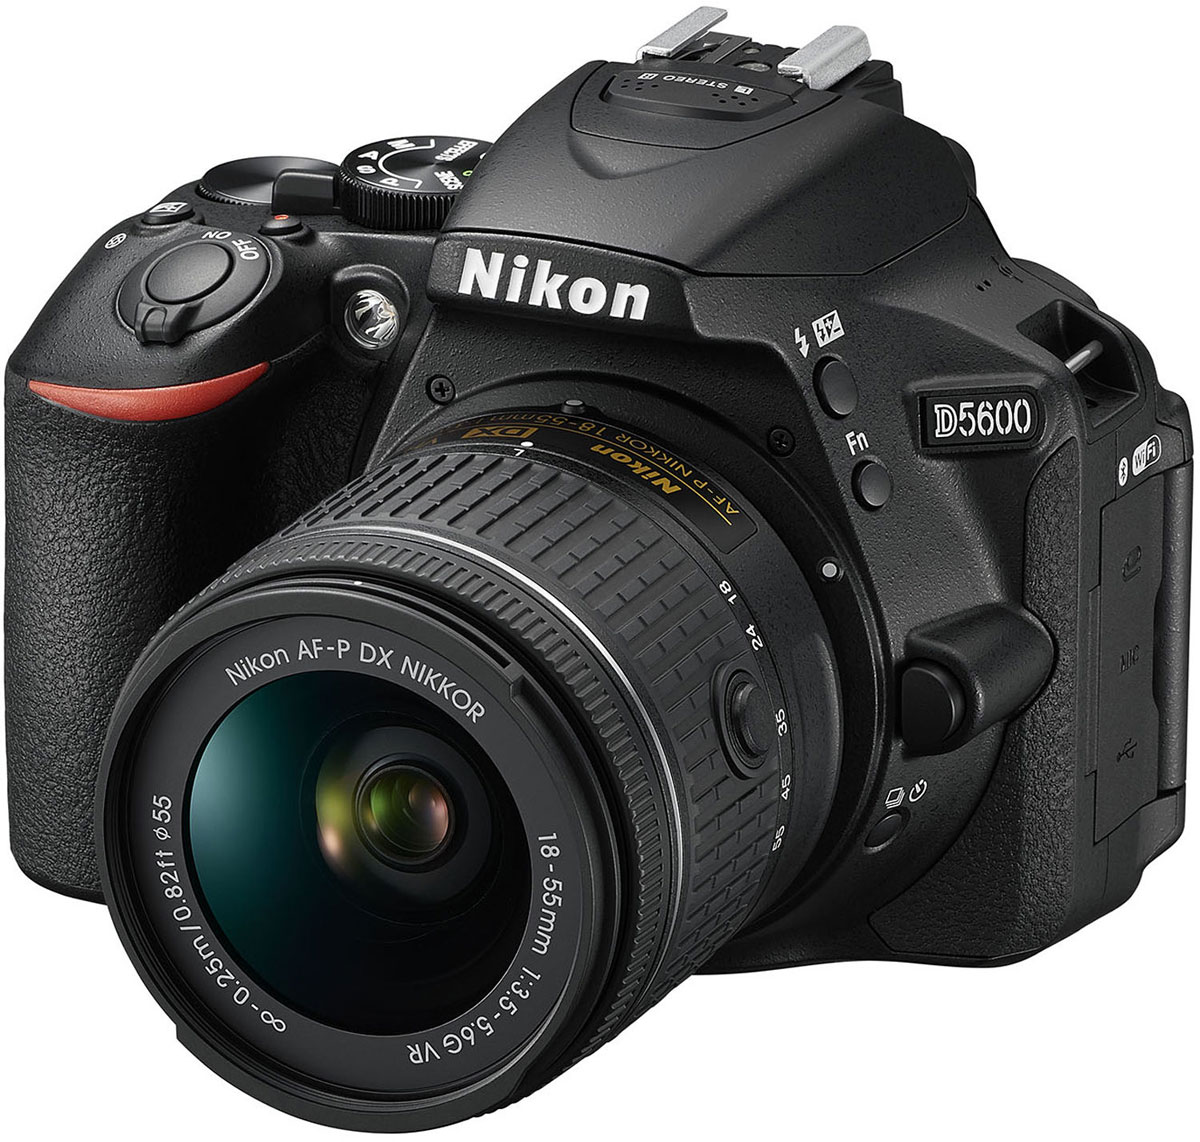 Nikon D5600 Kit 18-55 VR, Black цифровая зеркальная камера - Зеркальные фотоаппараты